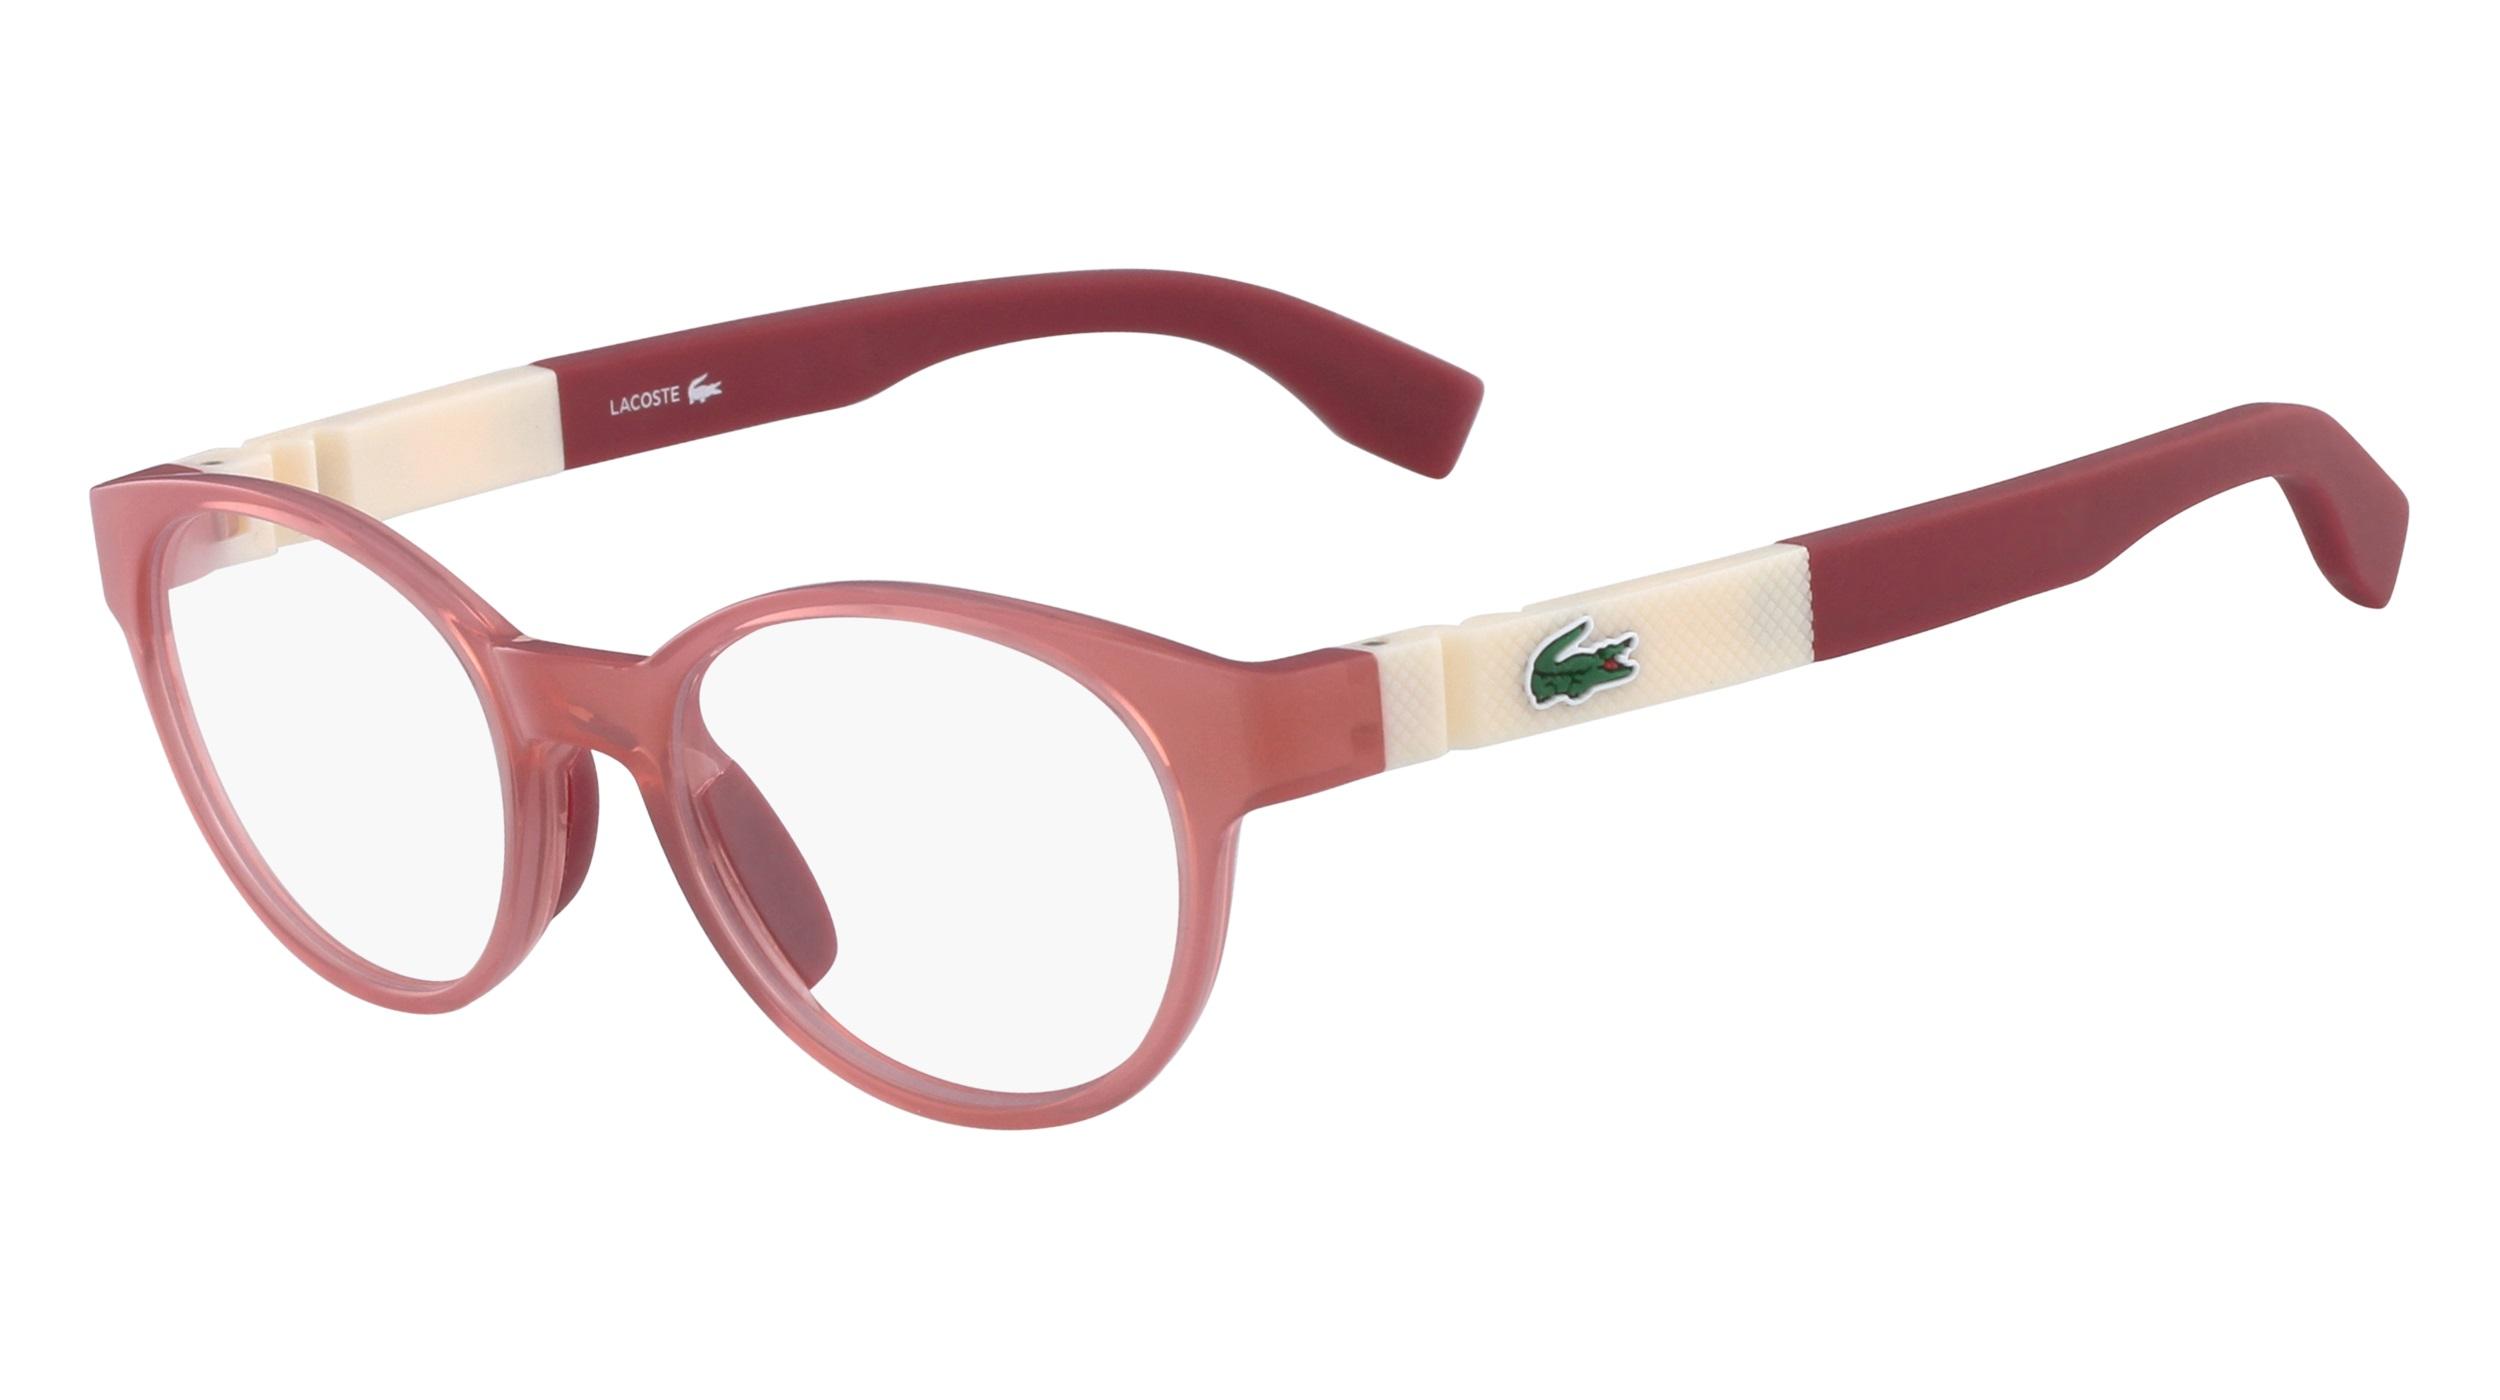 57befc6ca4 Eyewear for Kids - Lacoste - Optiwow